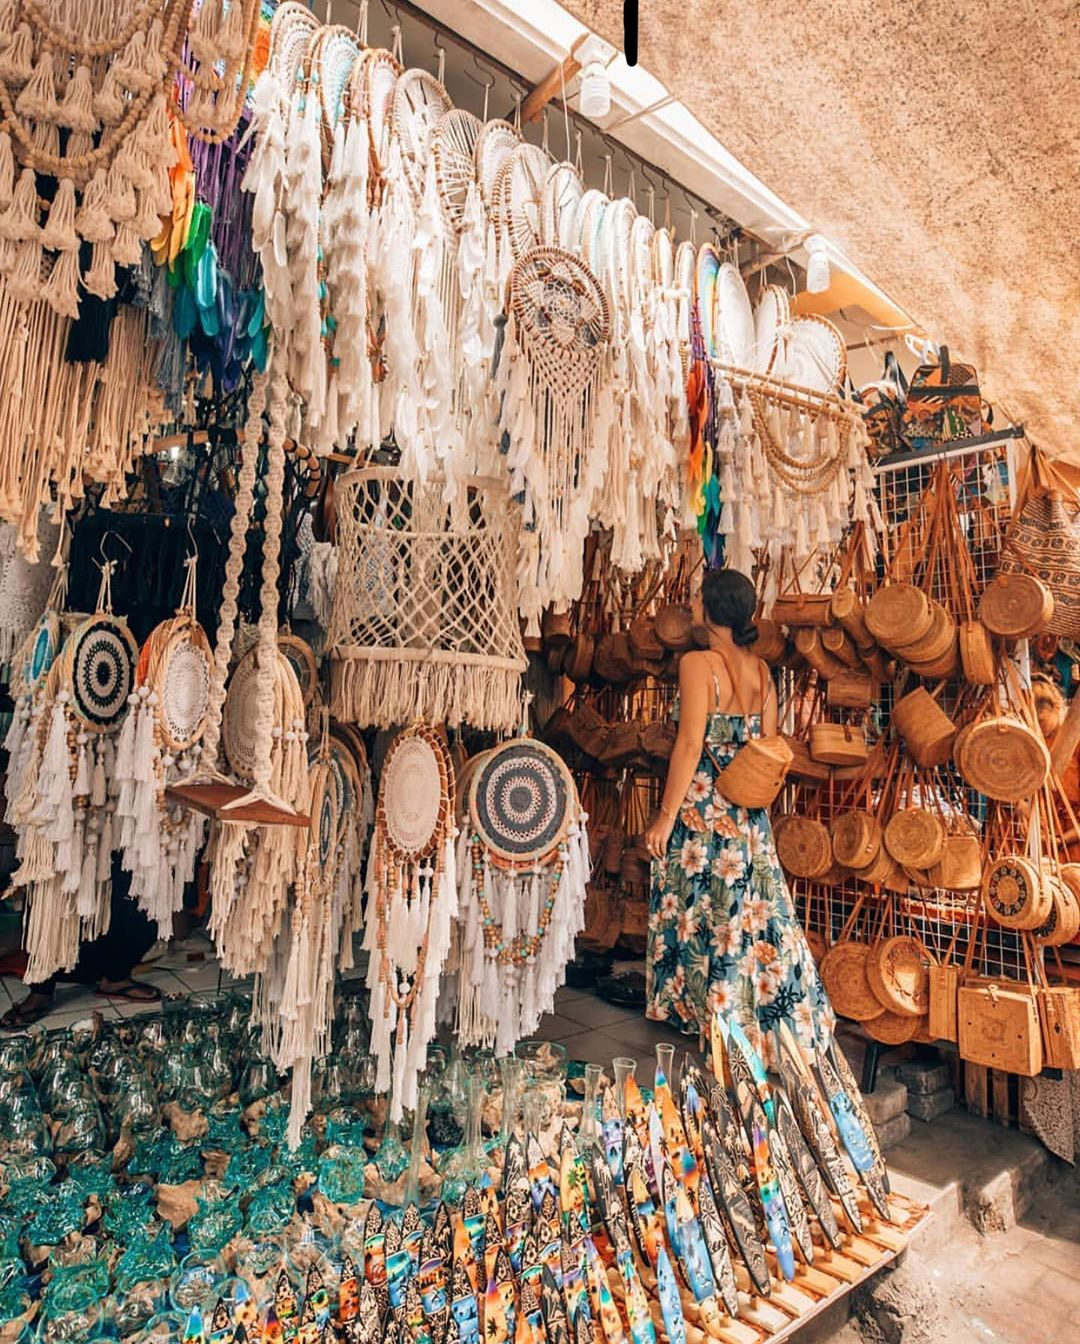 Kinh nghiệm du lịch Bali tự túc - Chợ Ubud